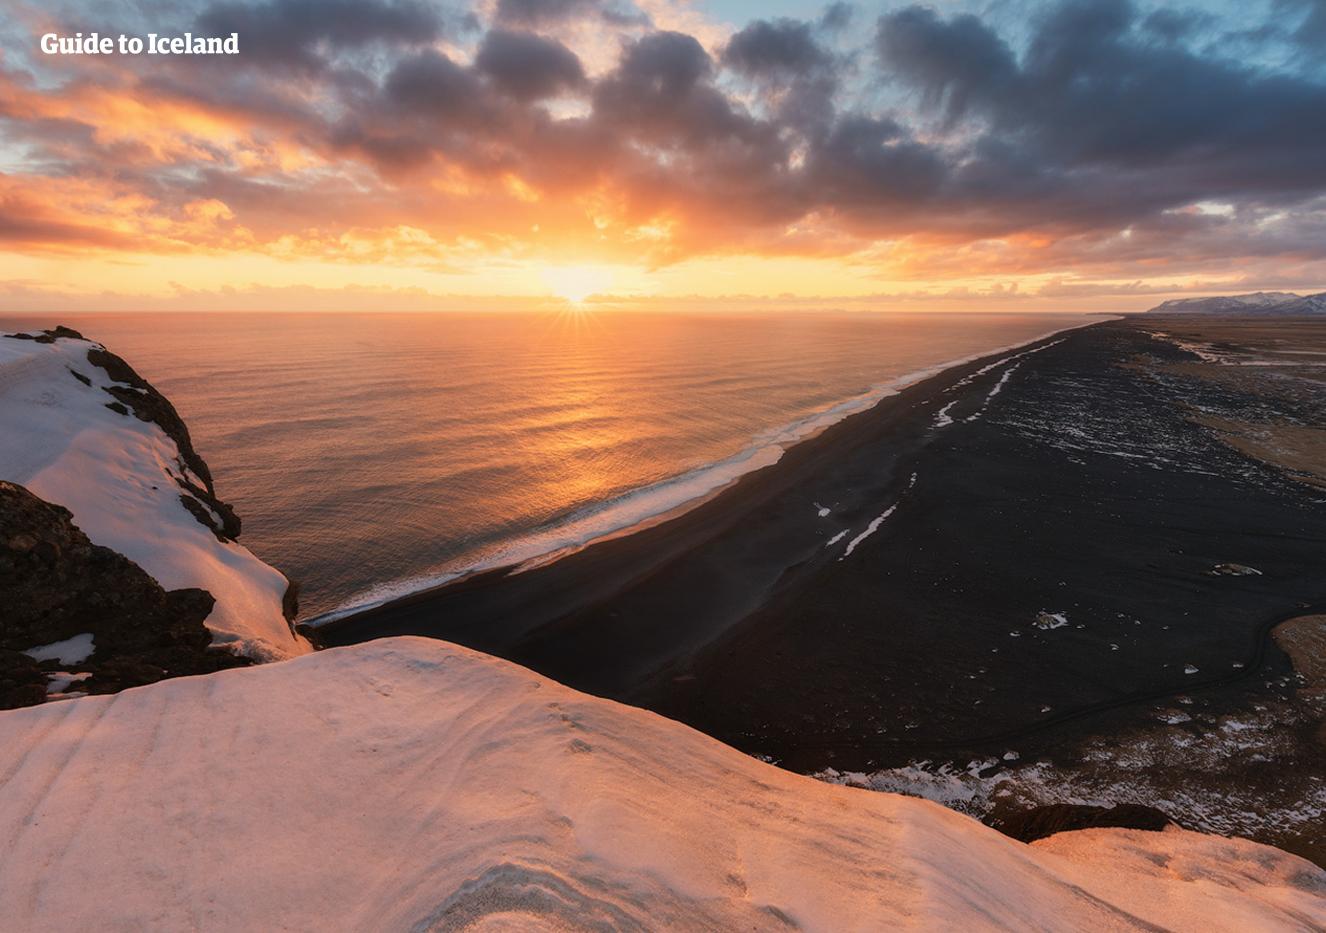 아이슬란드 남부해안의 레이니스퍄라 검은 모래해변에 덮인 하얀 눈 위로 아름답게 비추는 노을.